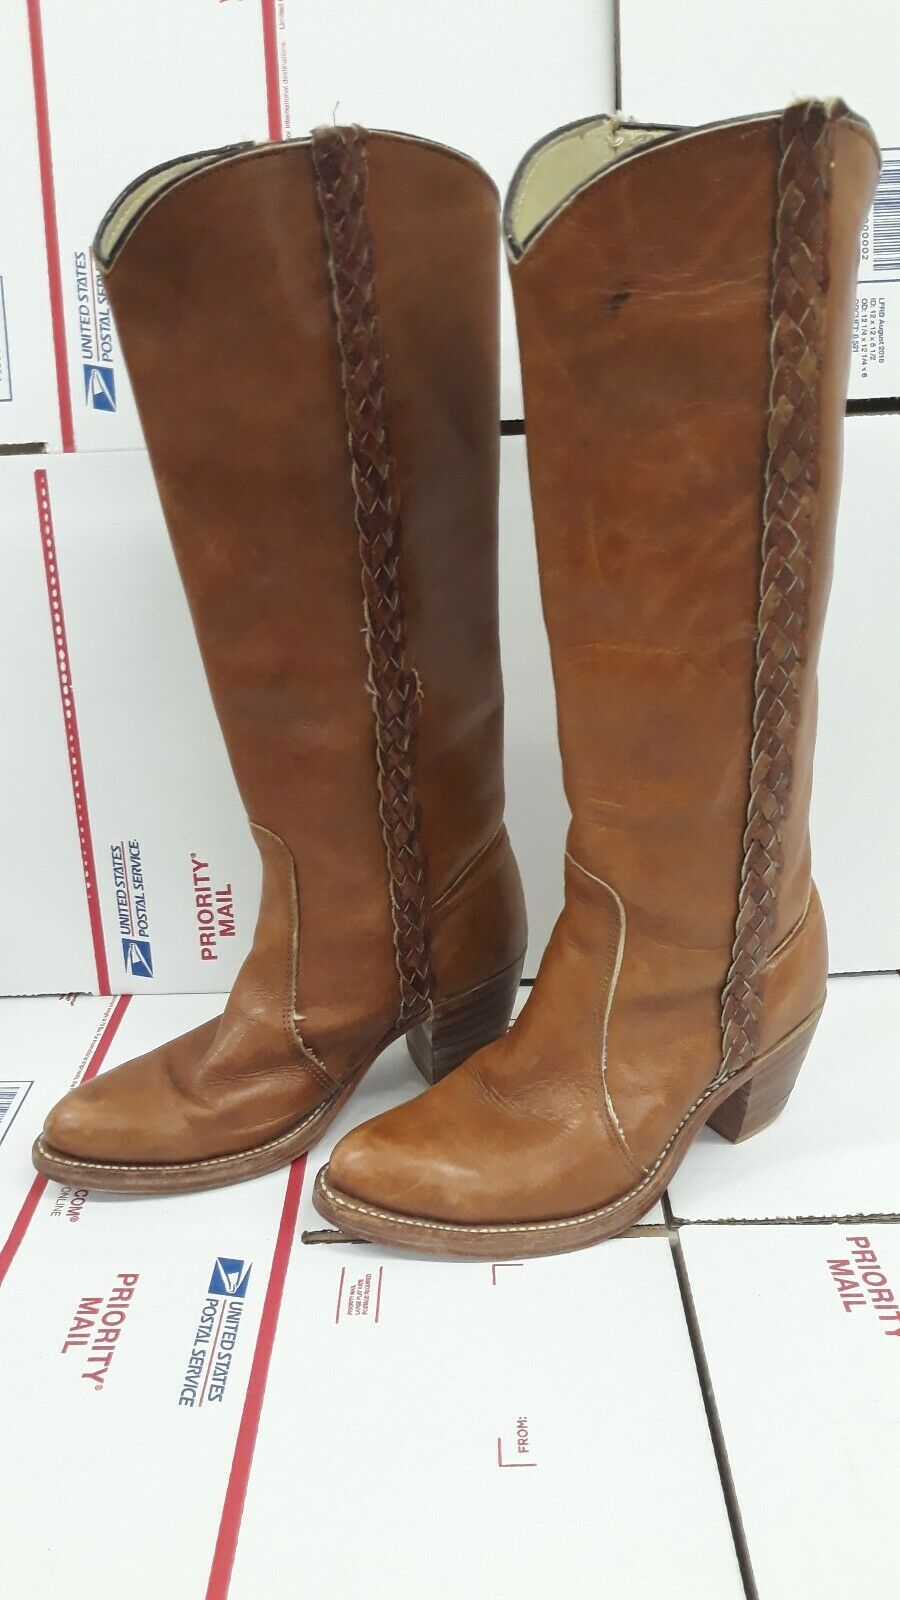 Double H Hh Vintage Campus botas de vaquero occidental de Cuero Marrón Alto Para Mujer 6.5 B